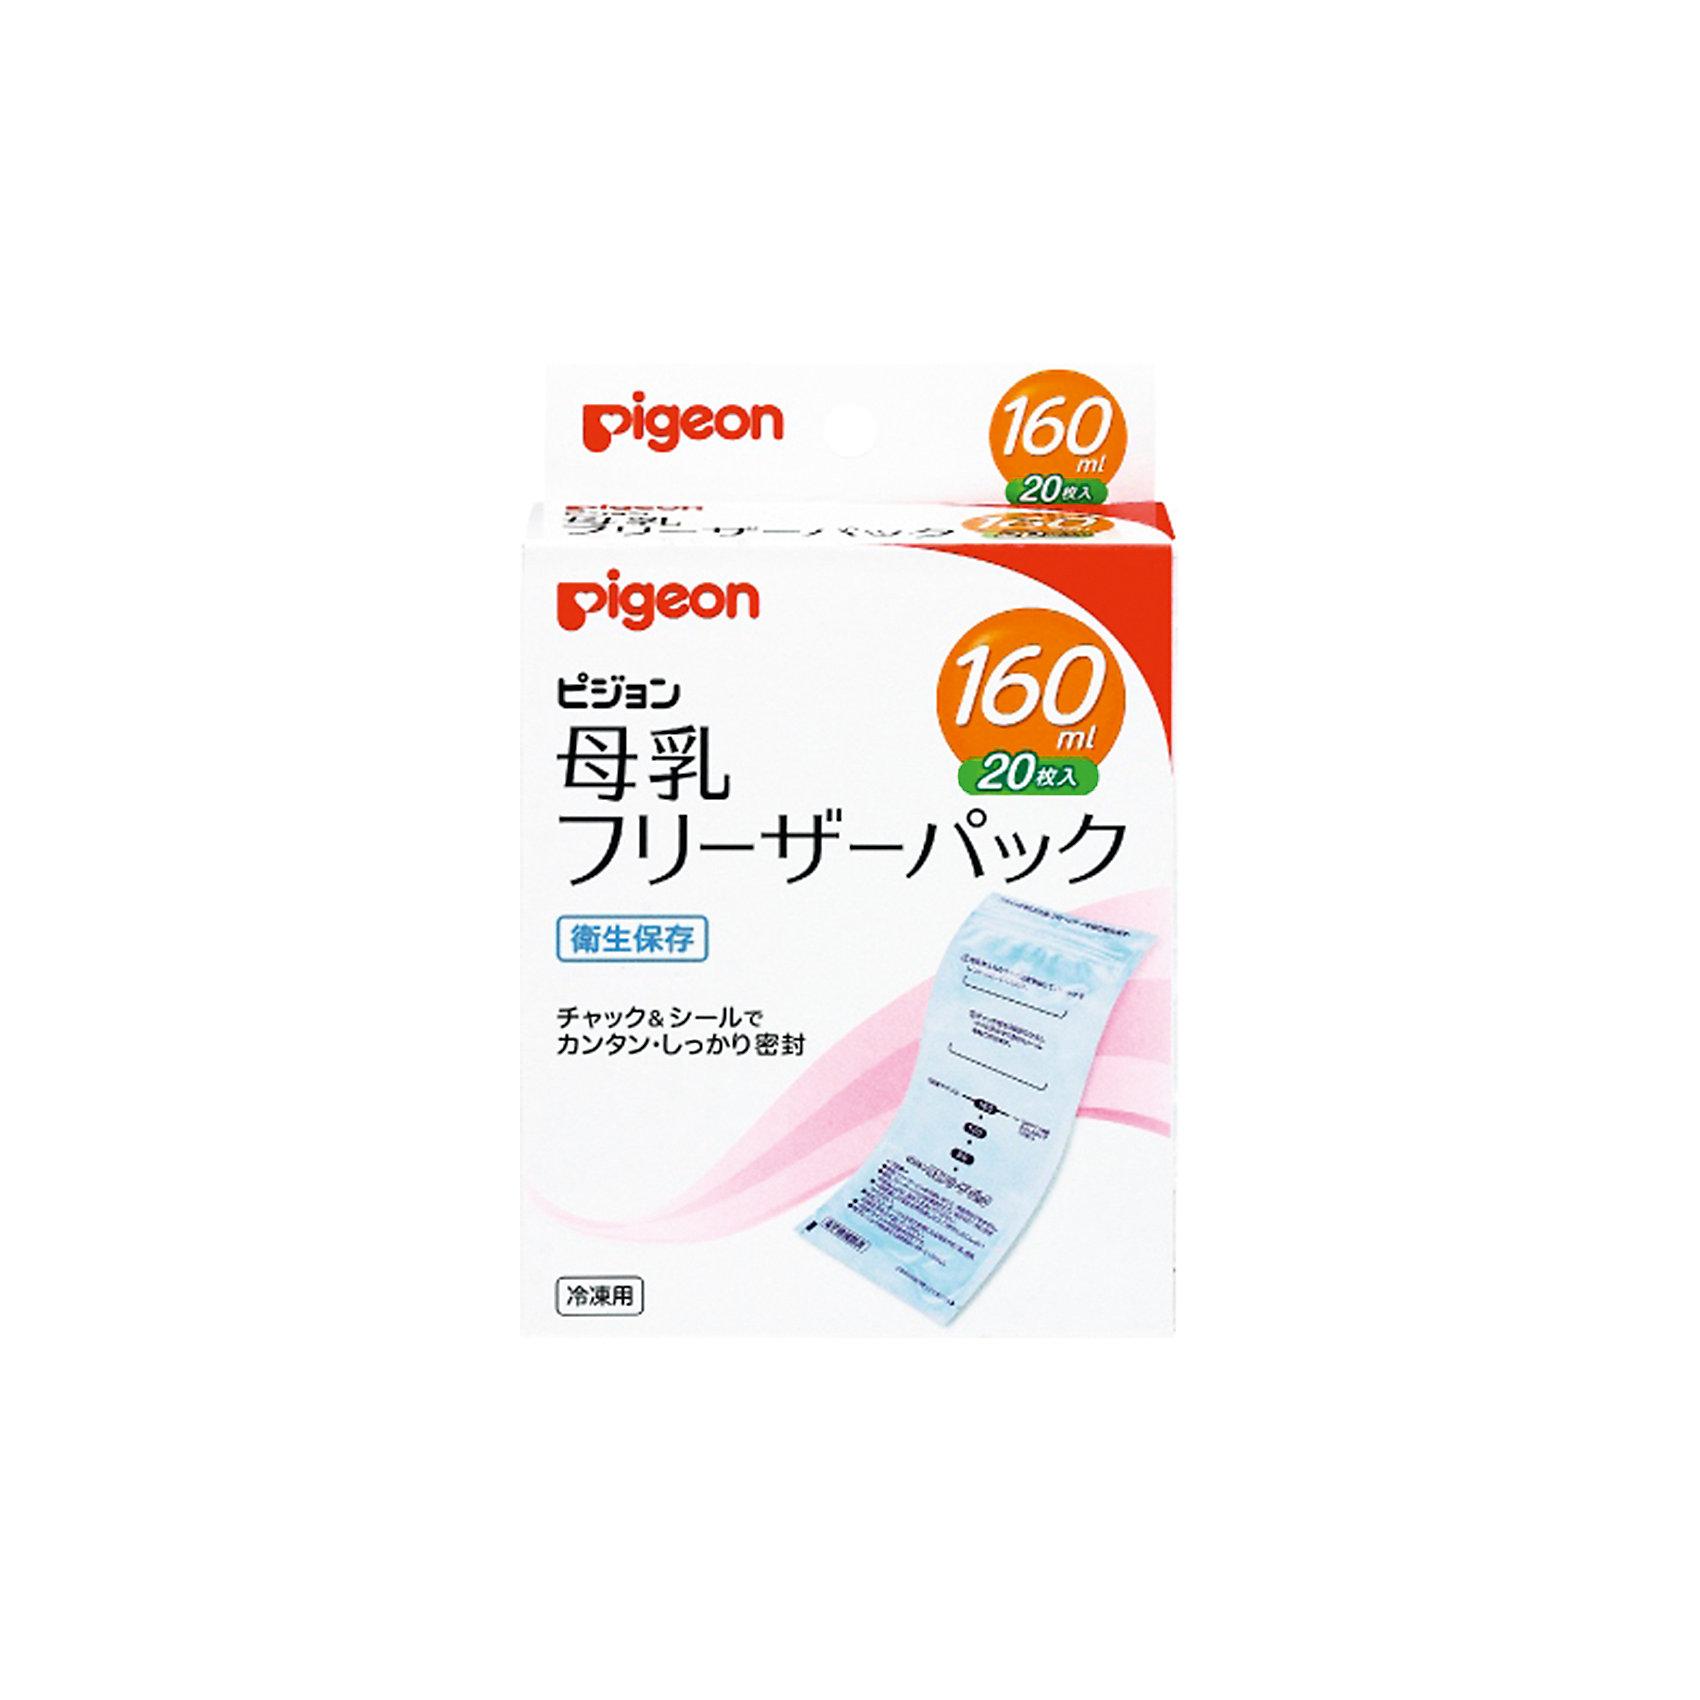 Пакет для заморозки грудного молока 160 мл, 20 шт., PigeonСцеженное грудное молоко хранится в холодильнике. Специальные пакеты для хранения грудного молока герметично закрываются, позволяют порционно замораживать и хранить грудное молоко. <br><br>Дополнительная информация:<br><br>Объем пакета Pigeon: 160 мл<br>Количество в упаковке: 20 штук <br><br>Пакеты для заморозки грудного молока 160 мл, 20 шт., Pigeon можно купить в нашем интернет-магазине.<br><br>Ширина мм: 300<br>Глубина мм: 100<br>Высота мм: 50<br>Вес г: 160<br>Возраст от месяцев: 0<br>Возраст до месяцев: 36<br>Пол: Унисекс<br>Возраст: Детский<br>SKU: 5008349